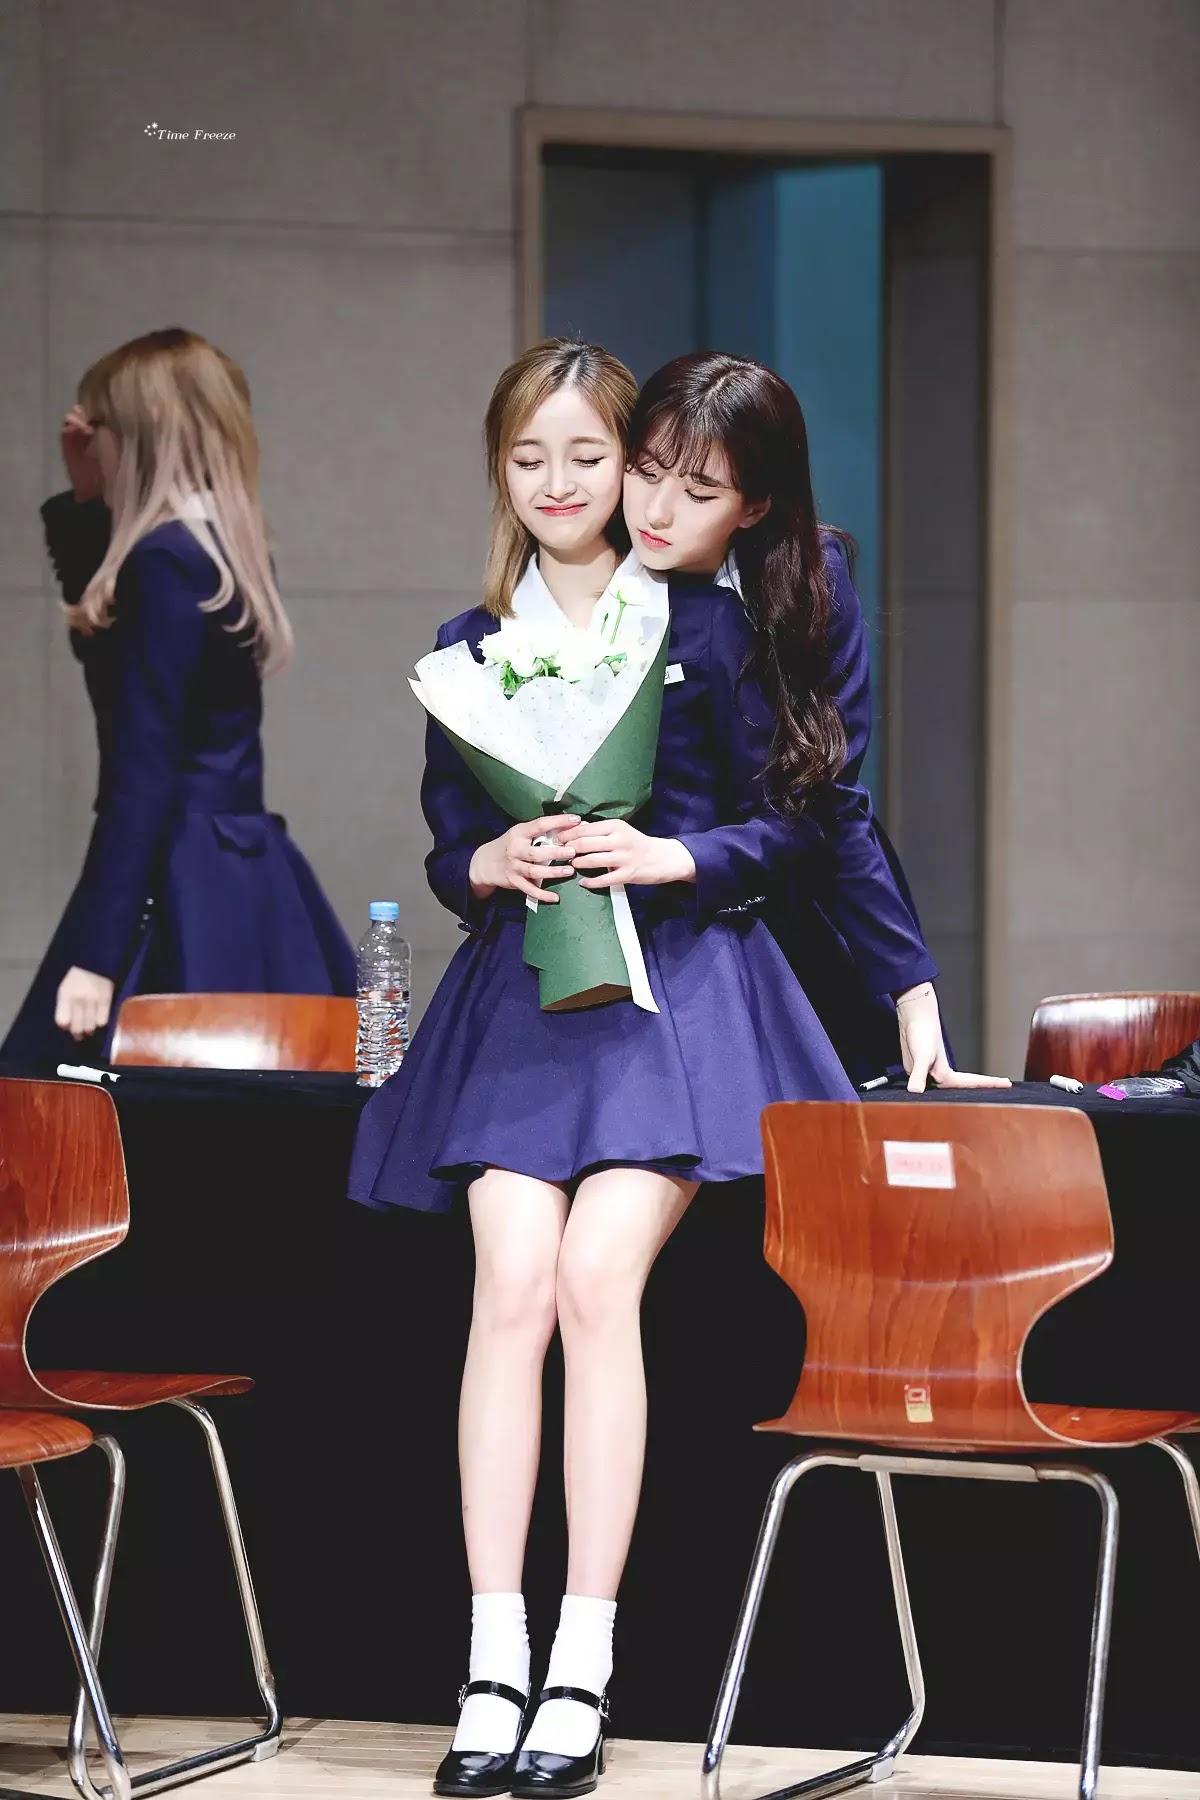 170312 WJSN - Yongsan Fansign Event - 714p